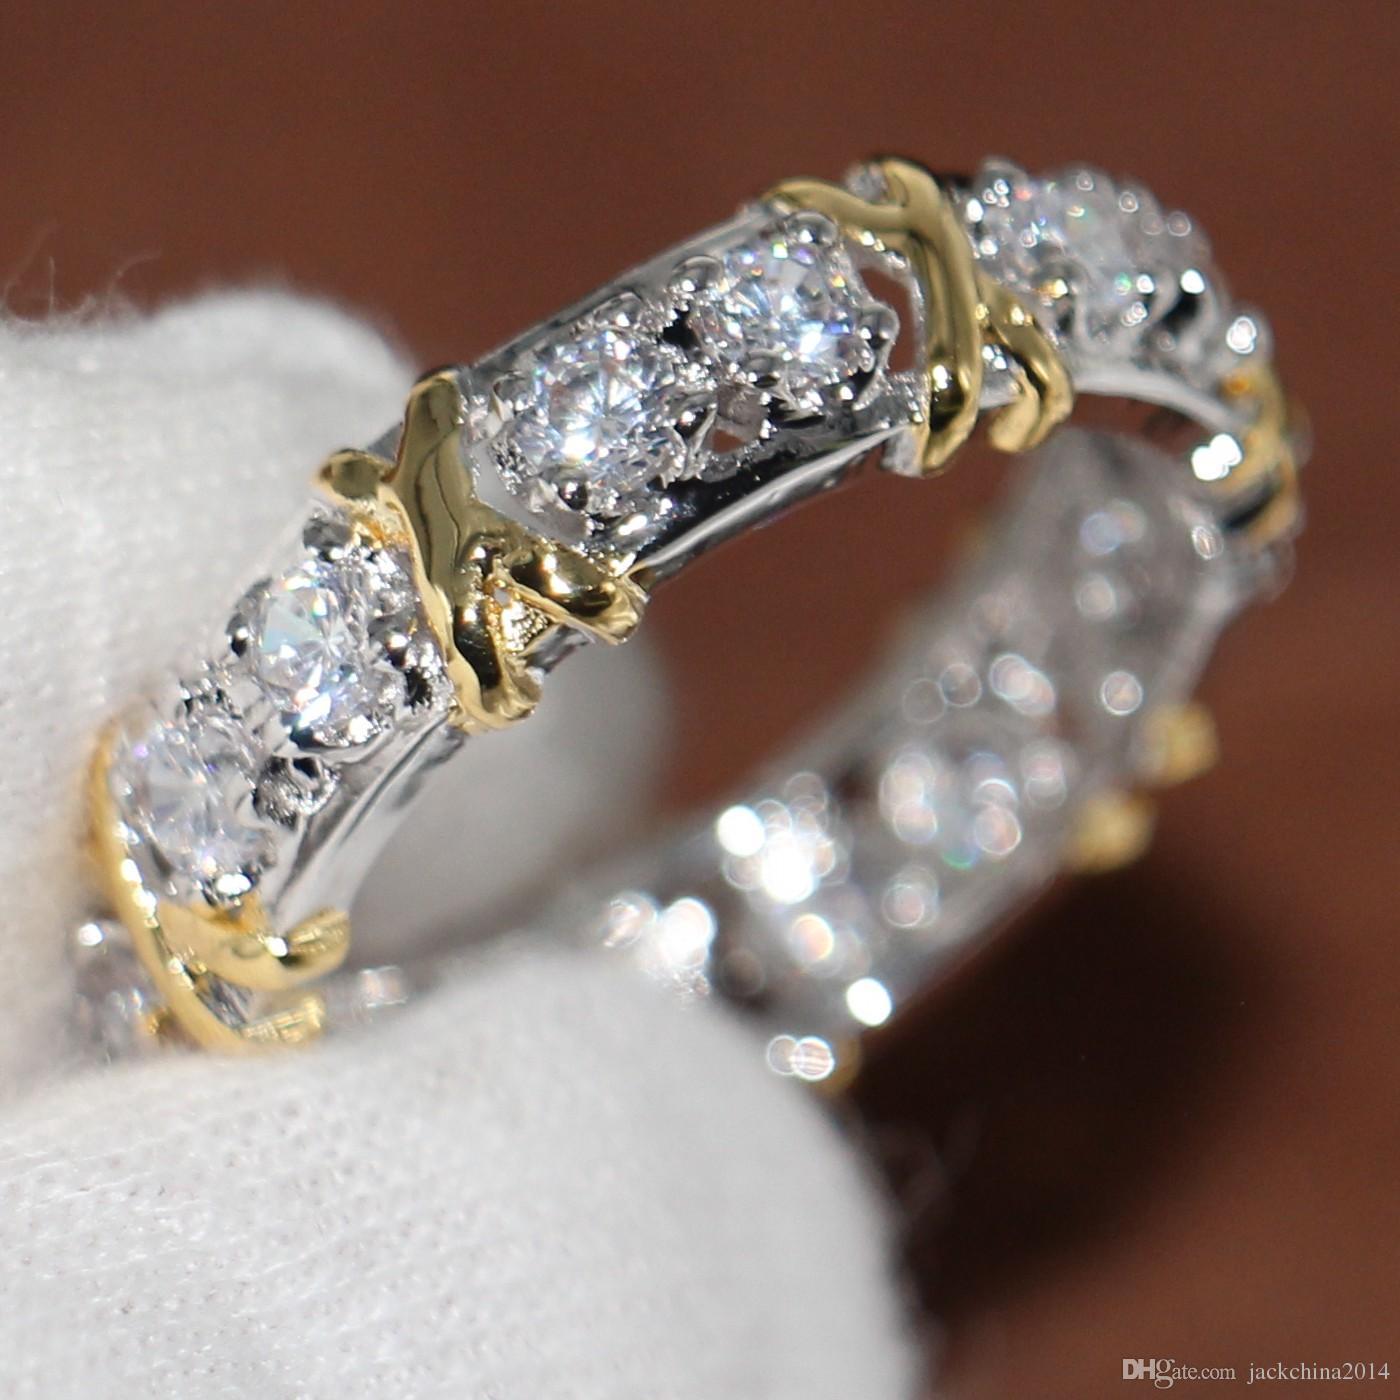 Оптовая профессиональный вечность Diamonique CZ имитация Алмаз 10kt WhiteYellow золото заполненные обручальное кольцо крест кольцо размер 5-11